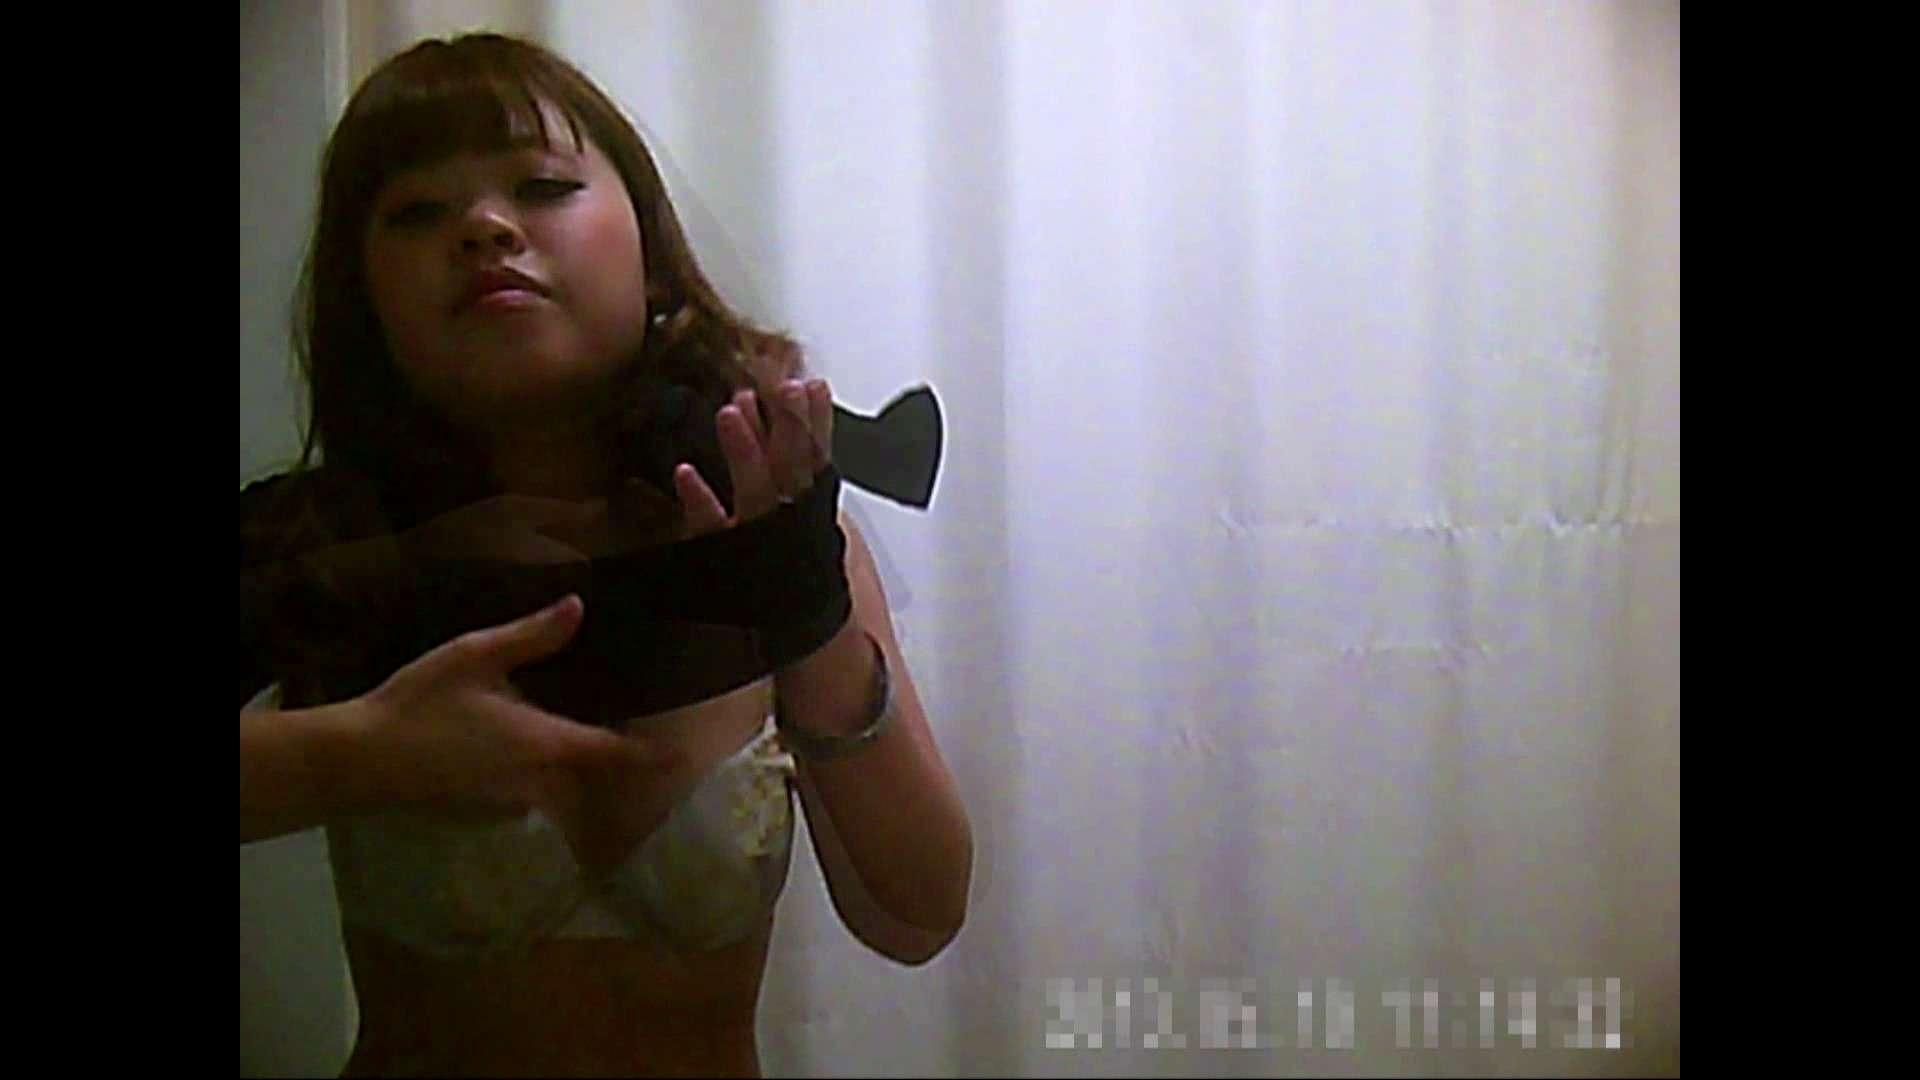 病院おもいっきり着替え! vol.210 乳首 AV無料動画キャプチャ 109PIX 102